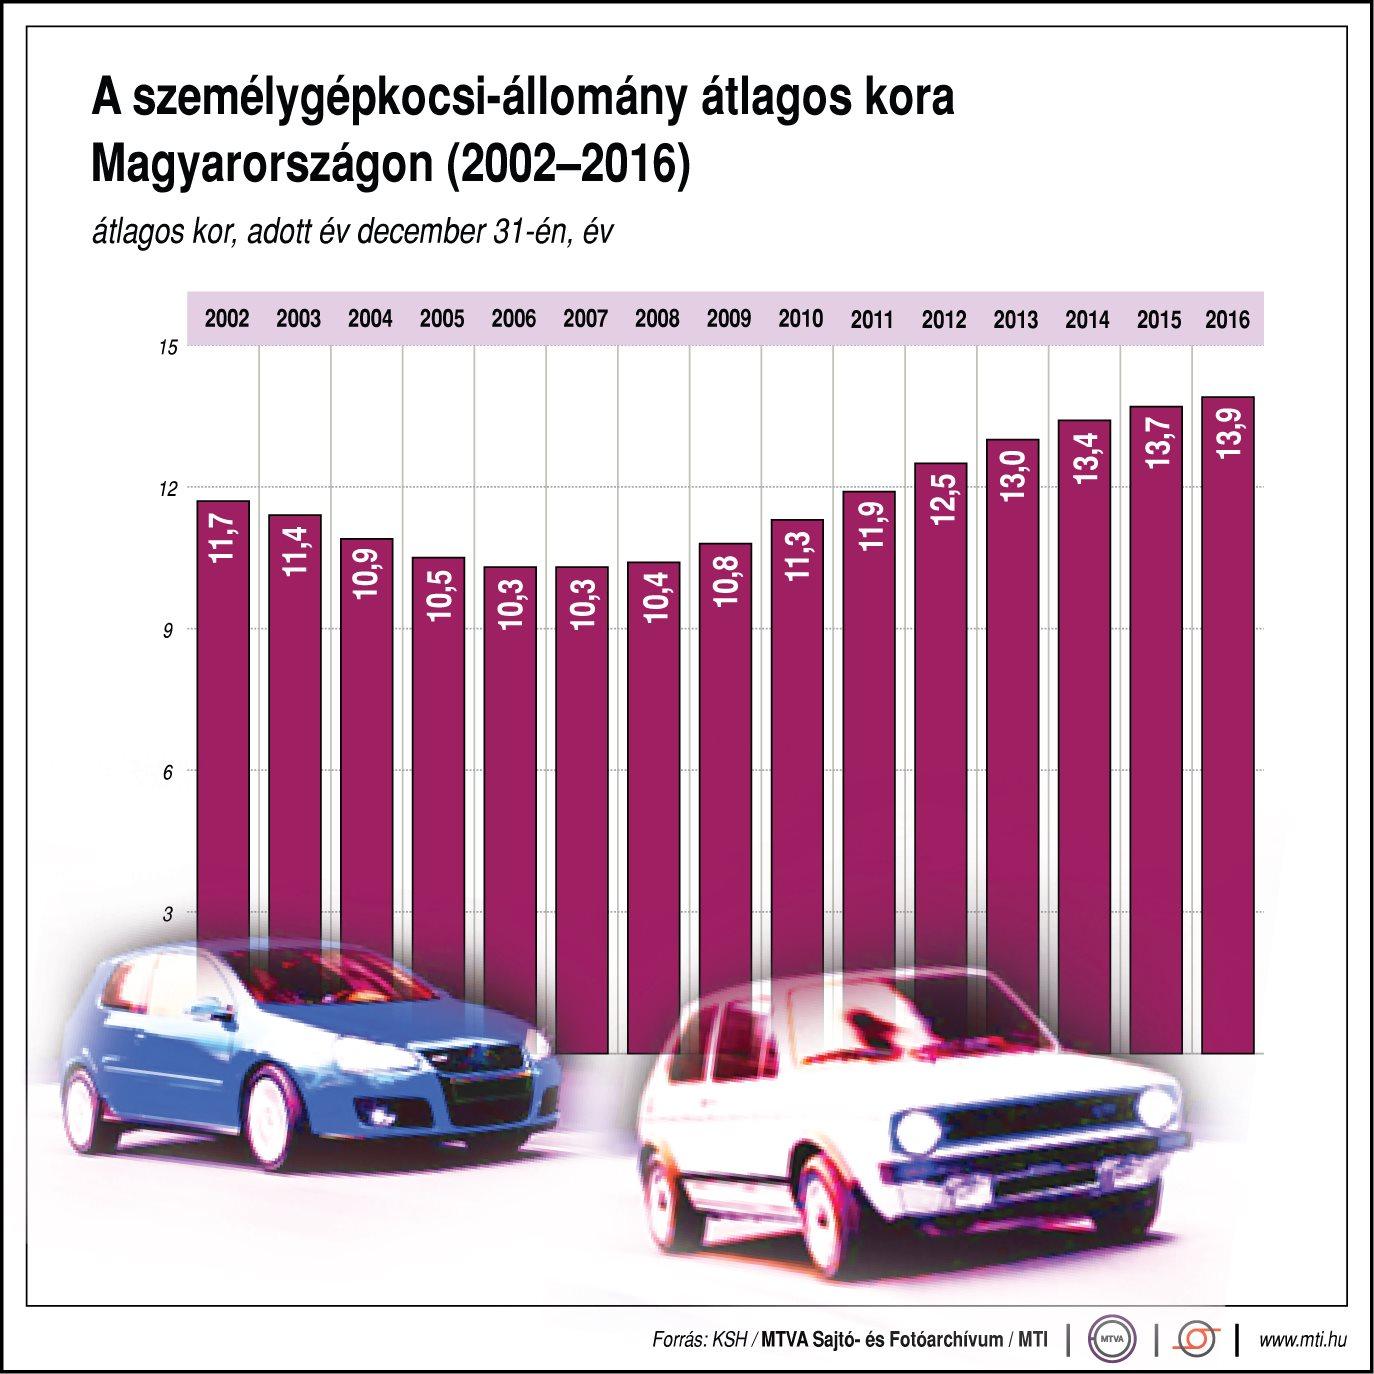 A személyautók átlagos kora hazánkban - egy ábrán